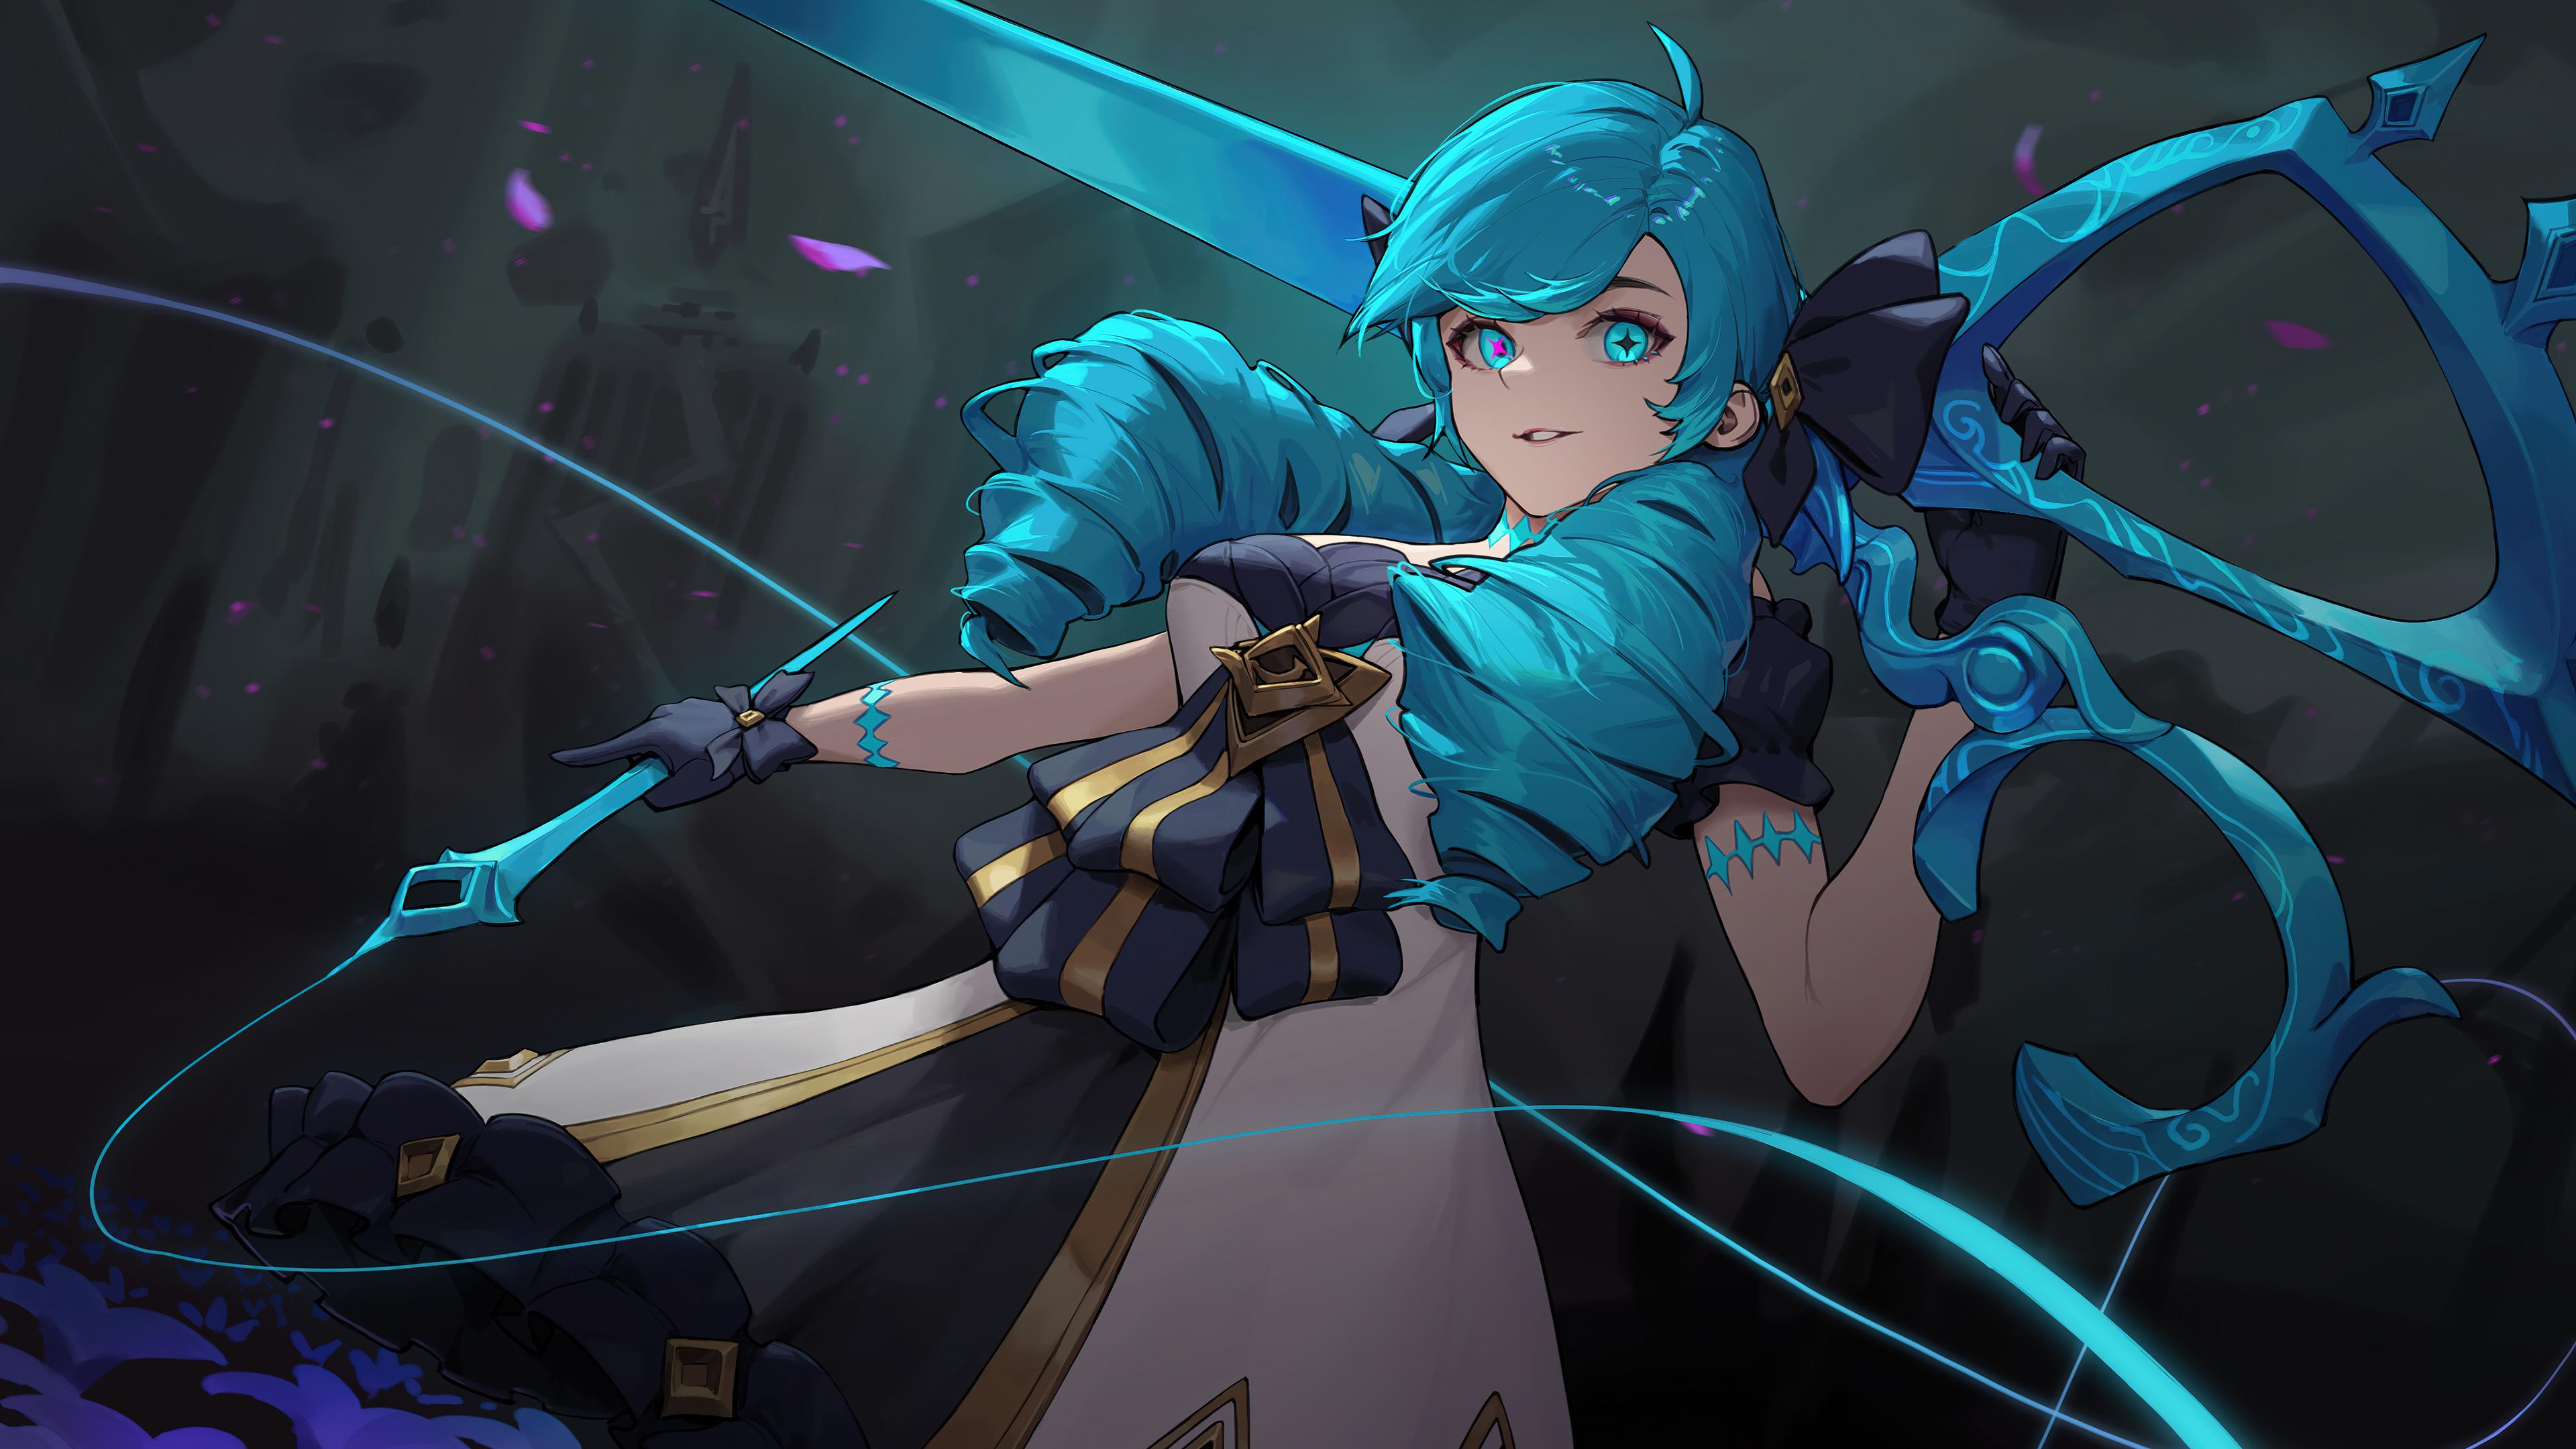 Gwen League Of Legends Girl Blue Hair 3840x2160